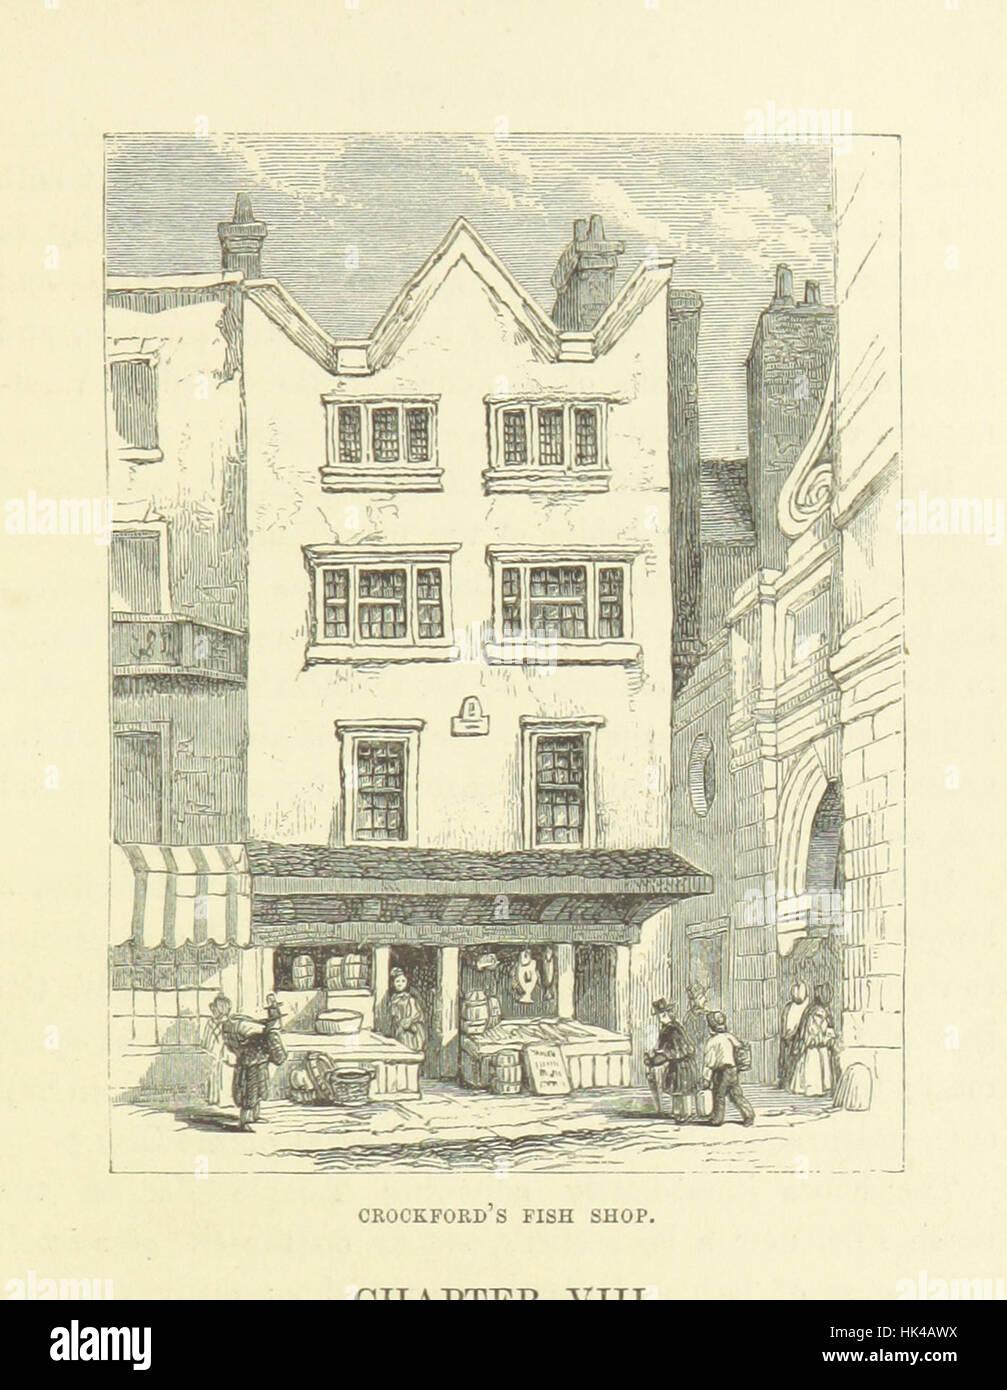 """Haunted Londres ... Ilustrado por F. W. Fairholt imagen tomada de la página 177 de """"Haunted London Imagen De Stock"""